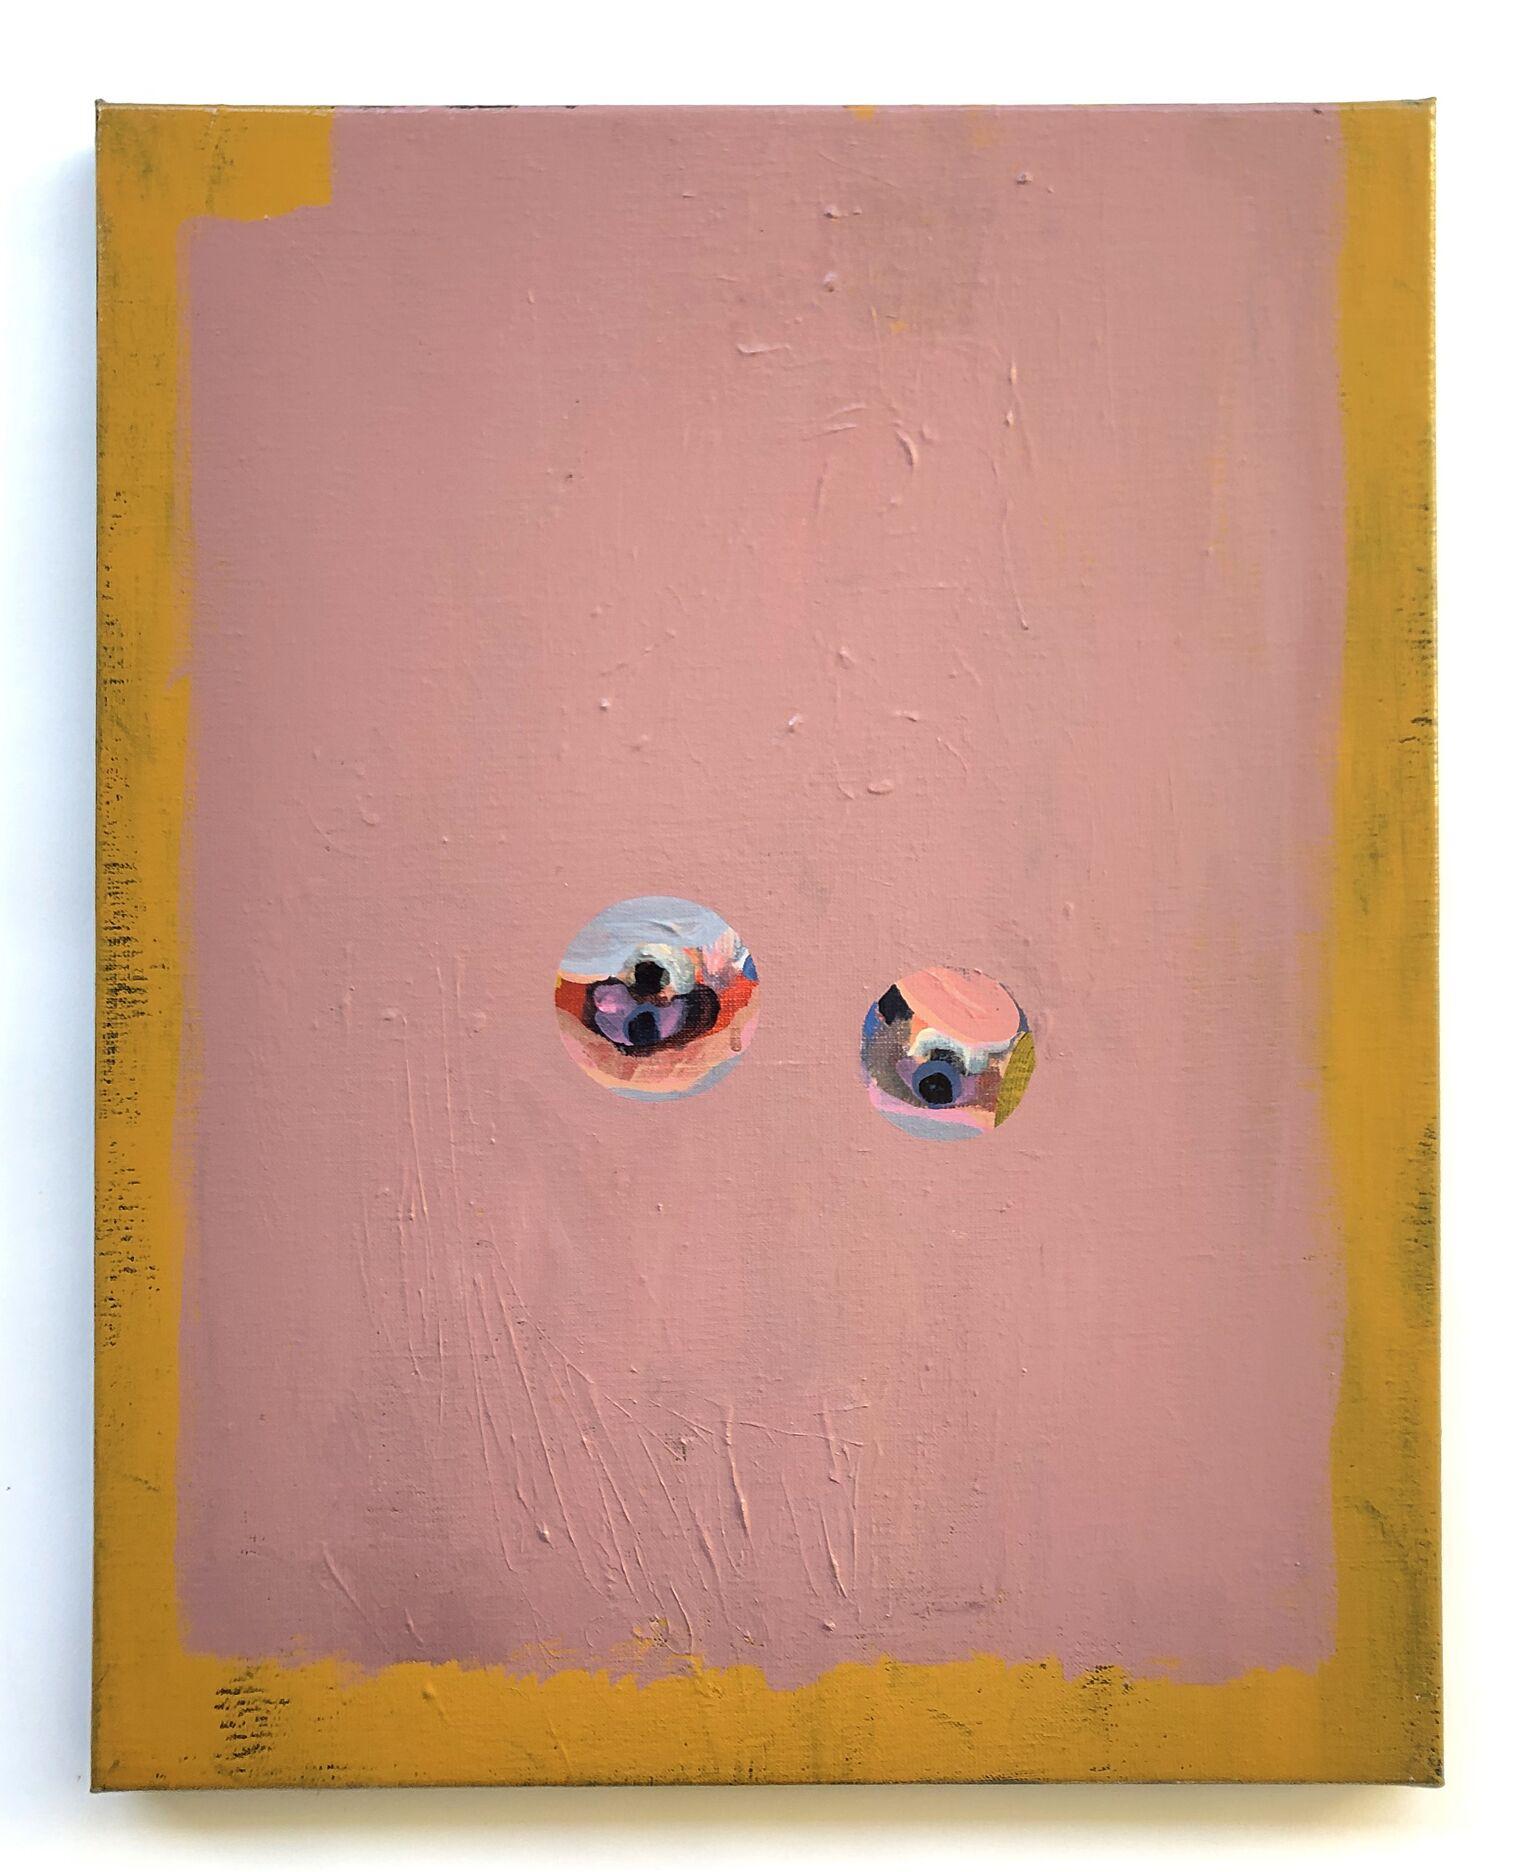 I det klareste dobbeltsyn / akryl på lærred, 50 x 40 cm